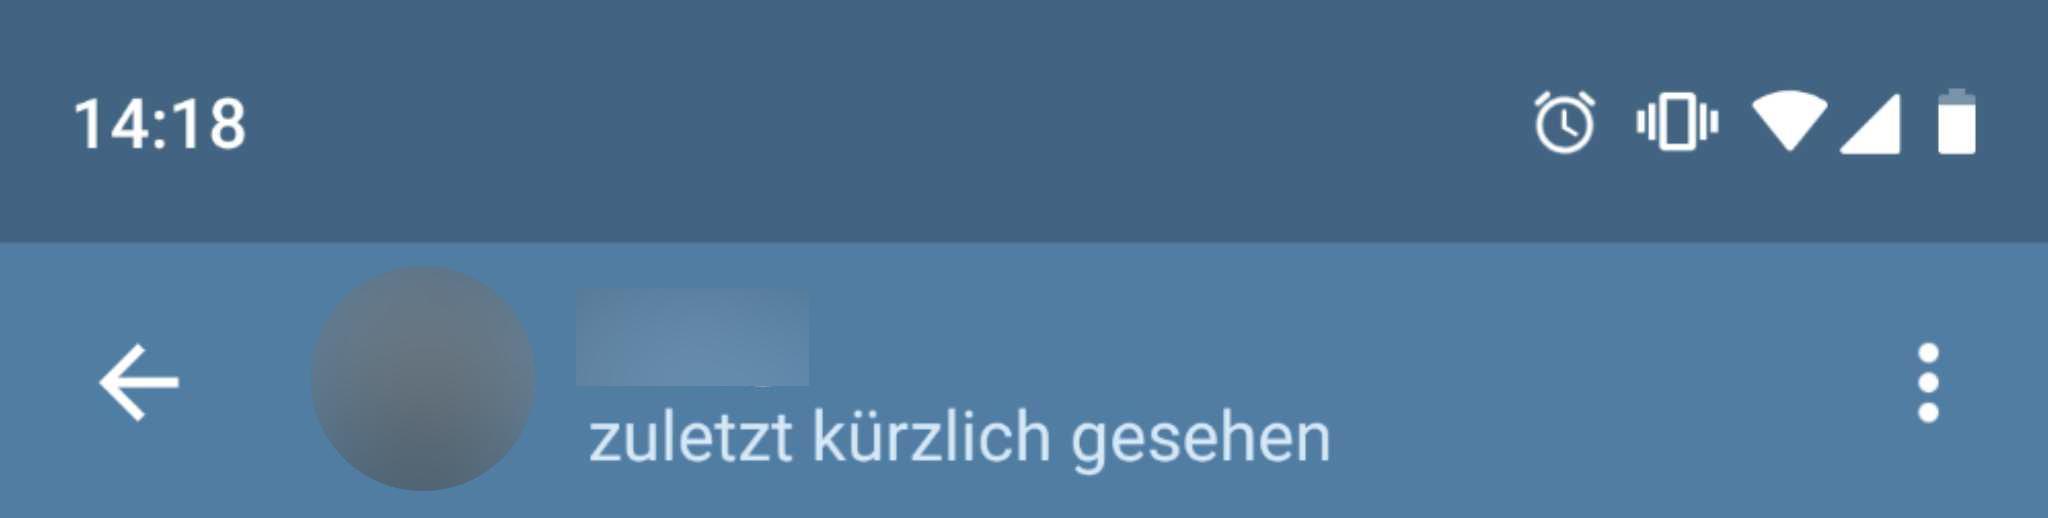 Telegram Kürzlich Gesehen Was Bedeutet Der Online Status